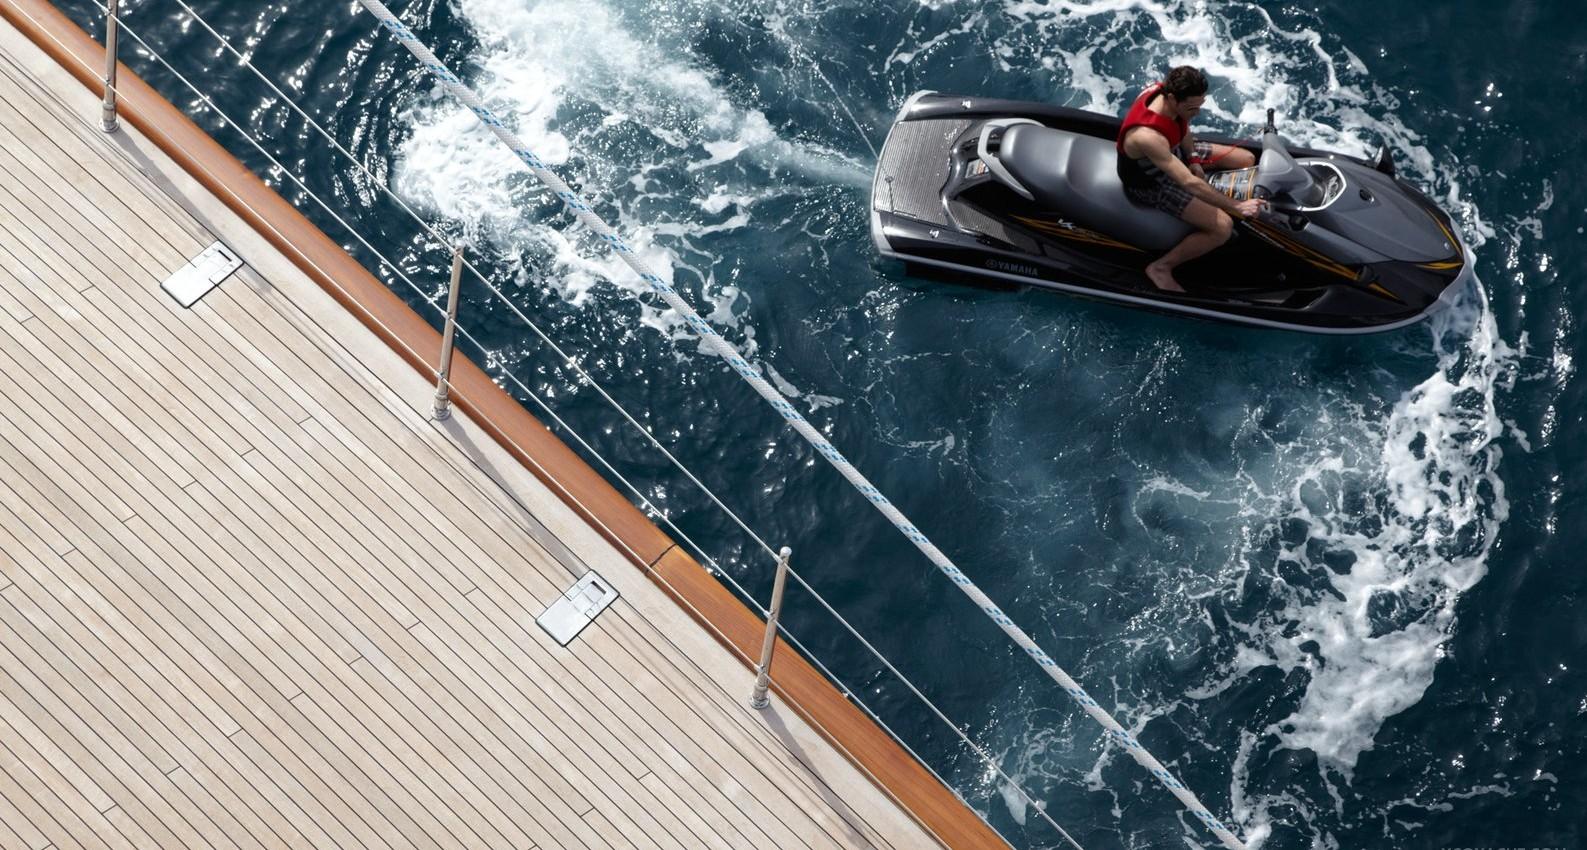 alquiler de barcos en ibiza. alquiler barcos ibiza. alquilar yates en ibiza. barcos de alquiler en ibiza